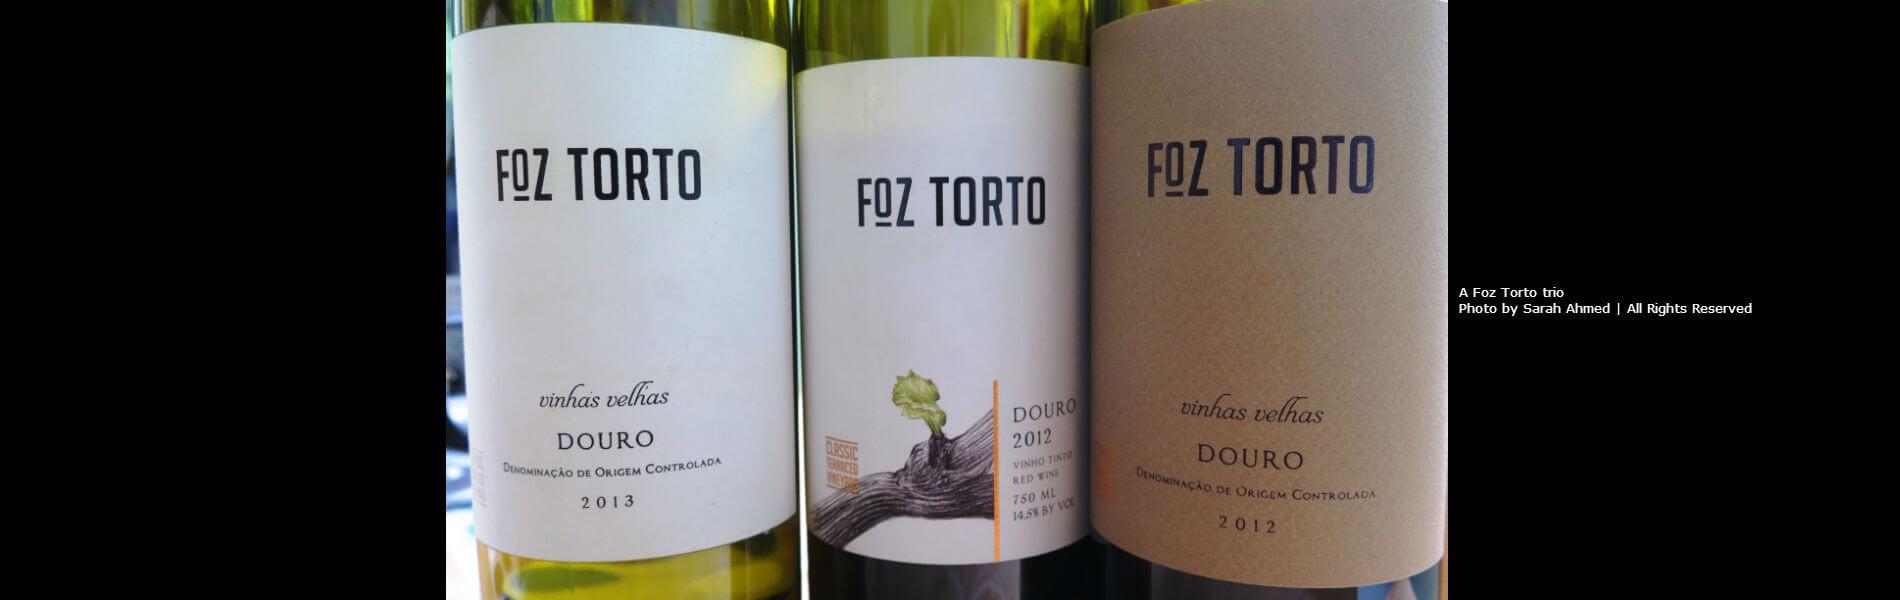 Blend-All-About-Wine-Foz Torto-Slider